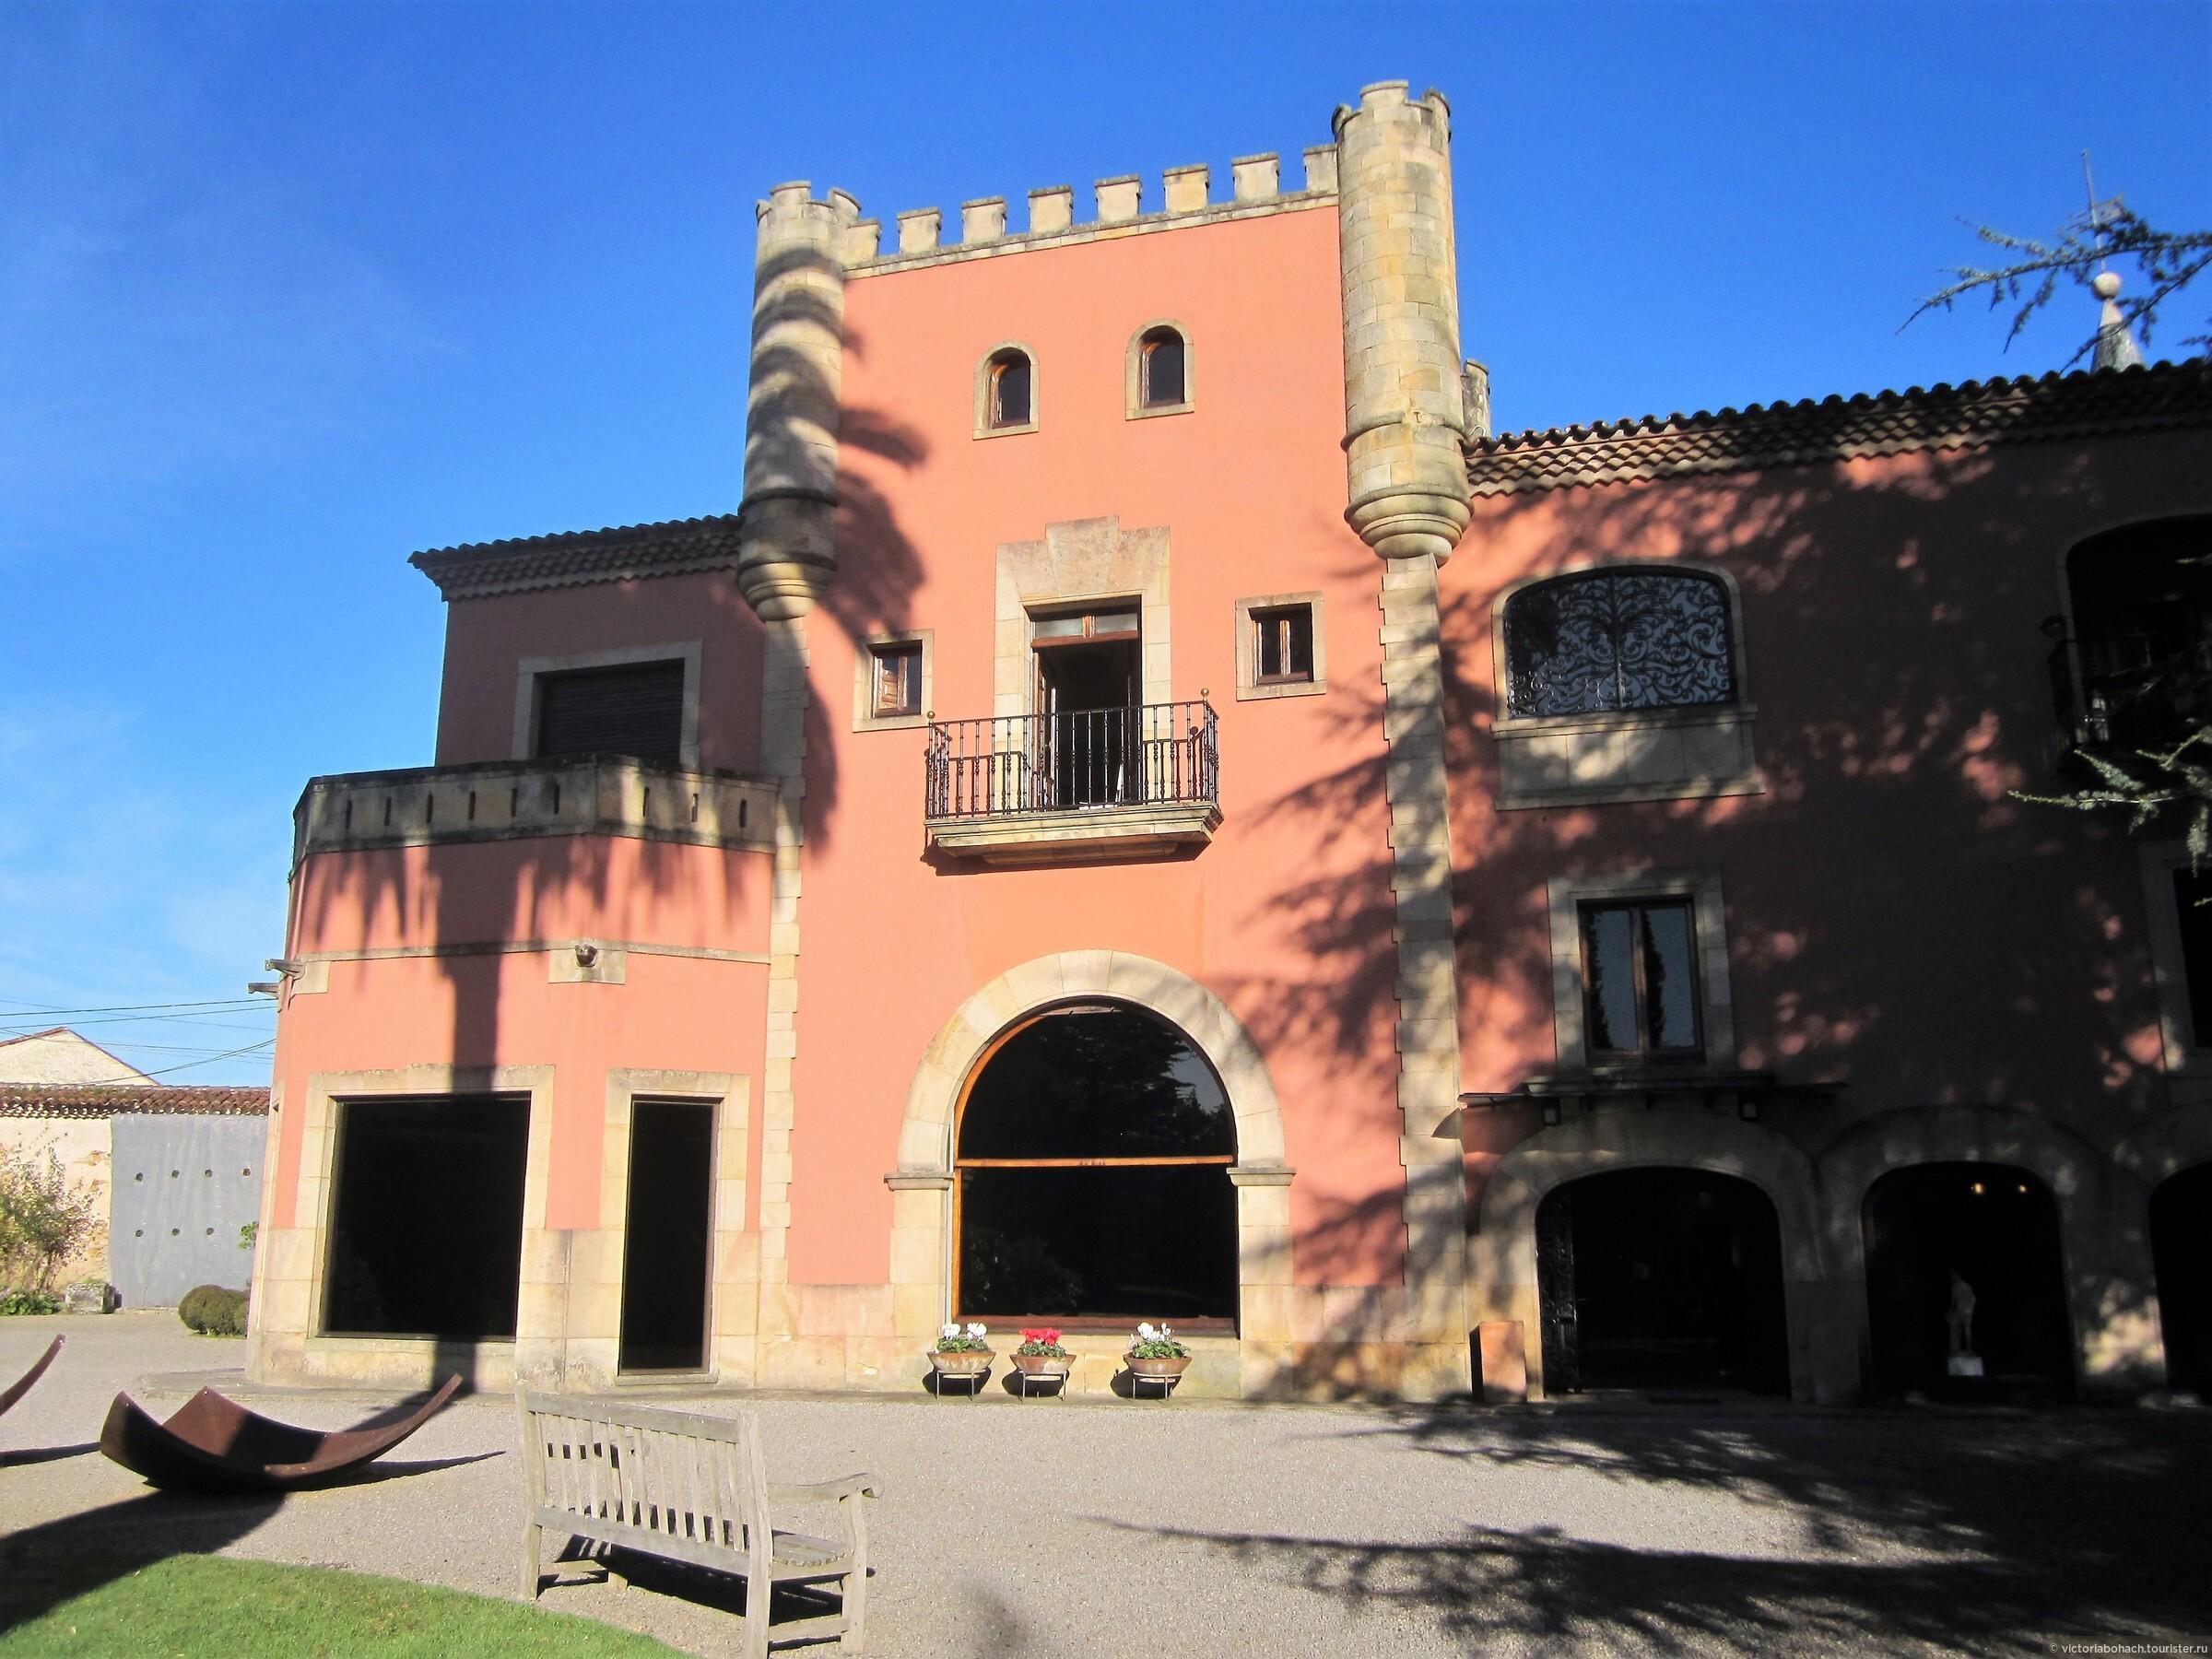 центральный вход в усадьбу, Усадьба - музей Эваристо Вайе в Хихоне